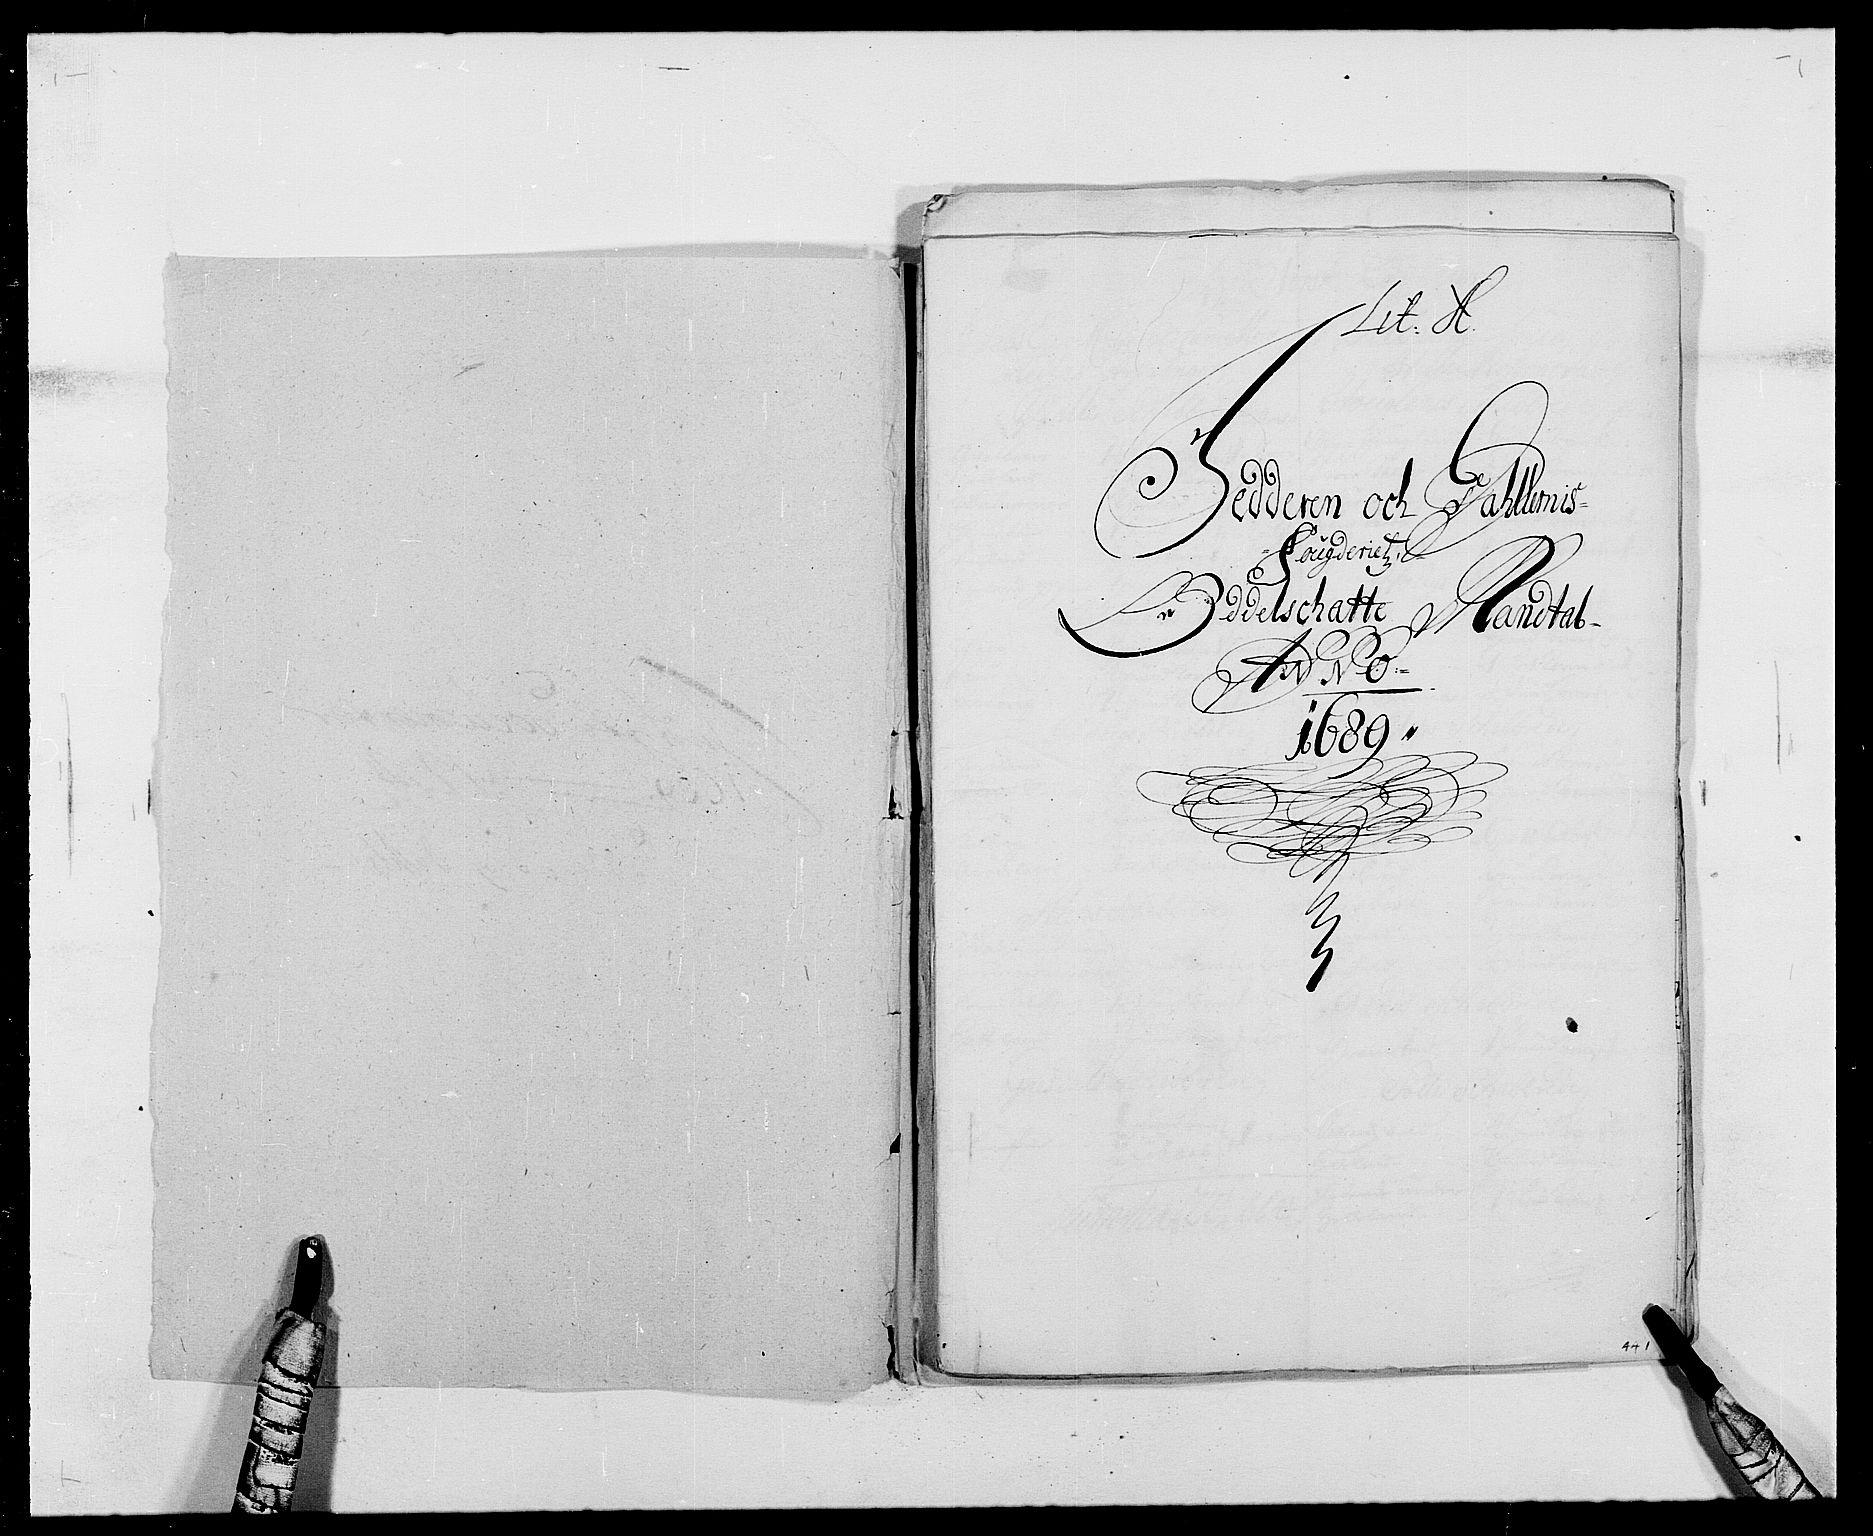 RA, Rentekammeret inntil 1814, Reviderte regnskaper, Fogderegnskap, R46/L2726: Fogderegnskap Jæren og Dalane, 1686-1689, s. 327